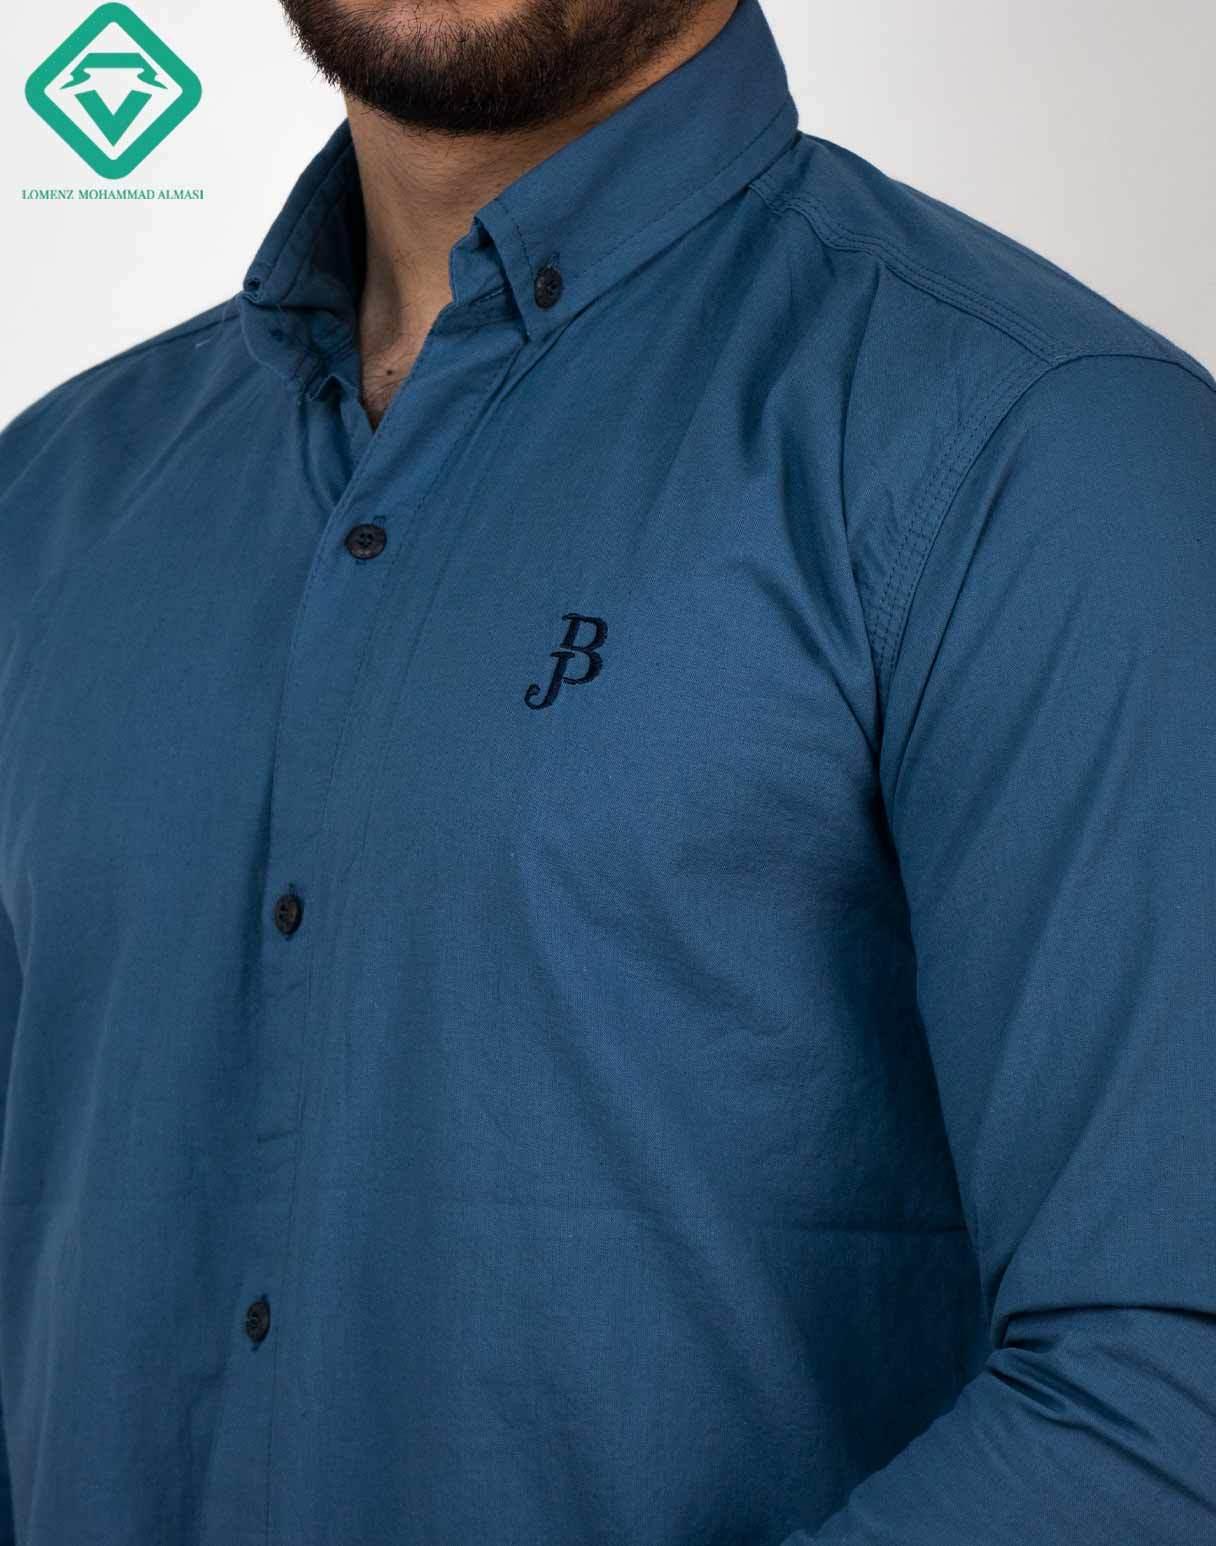 پیراهن آستین بلند اسپرت رنگ آبی کاربنی   فروشگاه لومنز